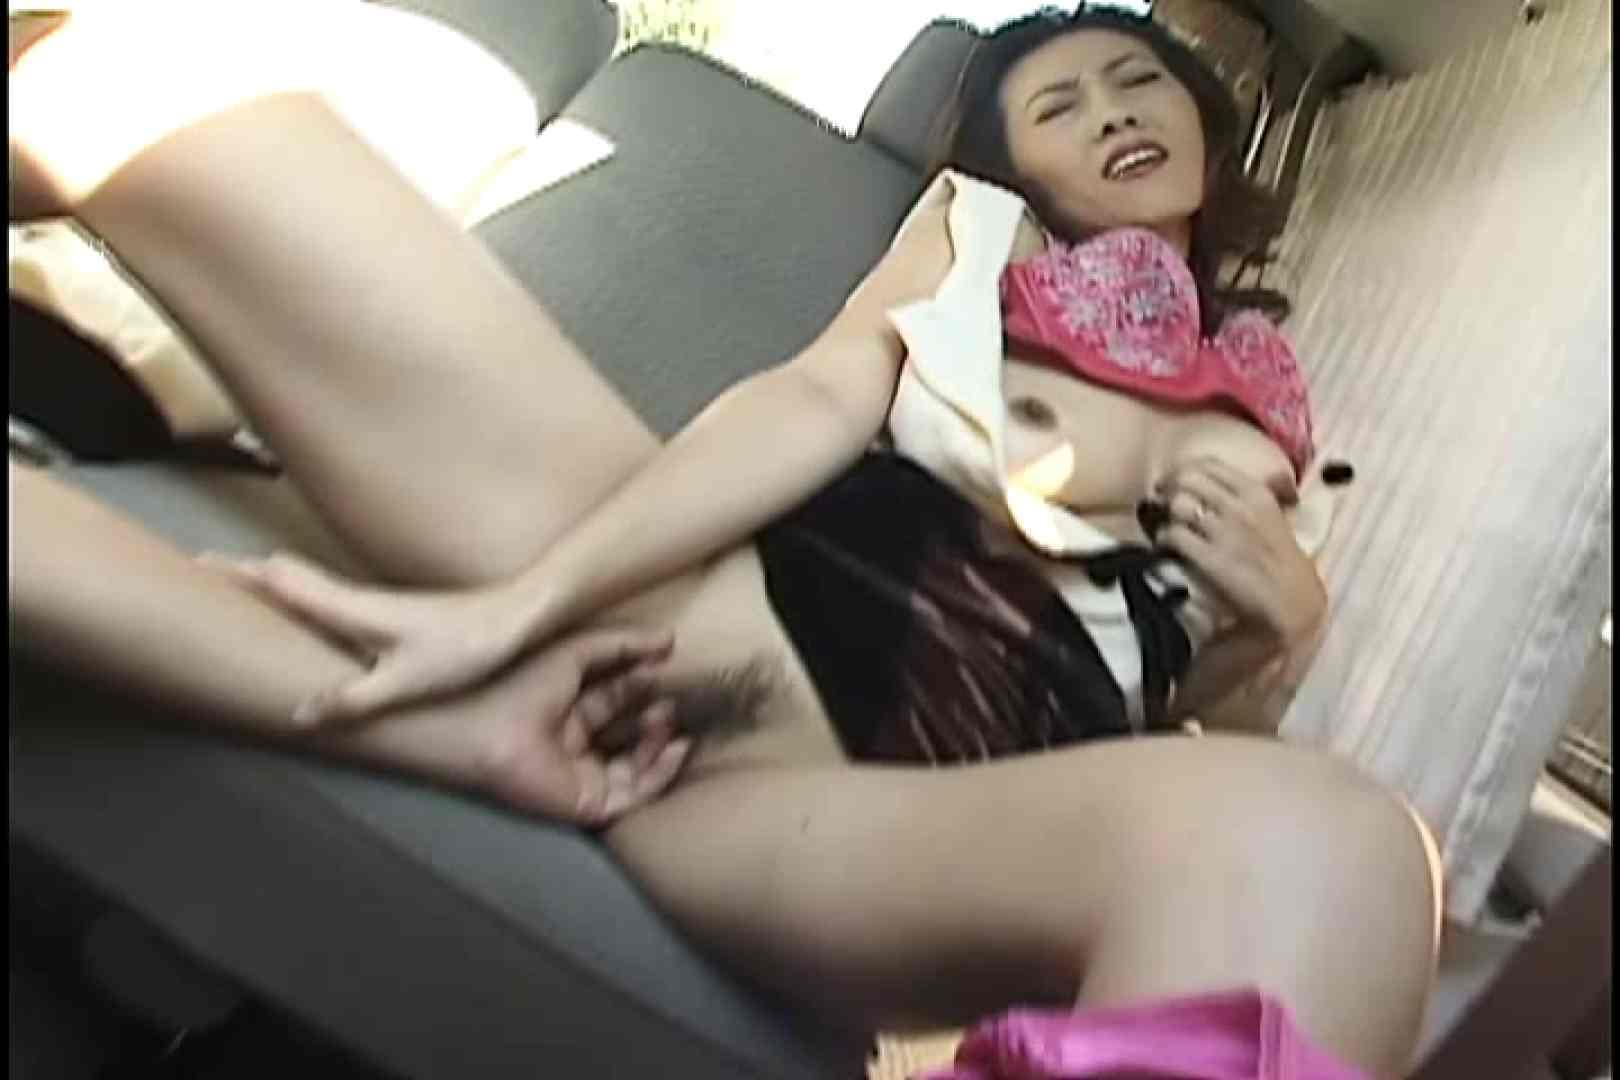 美巨乳Eカップの三十路美人妻と淫乱SEX~島田琴江~ 美人 AV無料動画キャプチャ 102pic 85